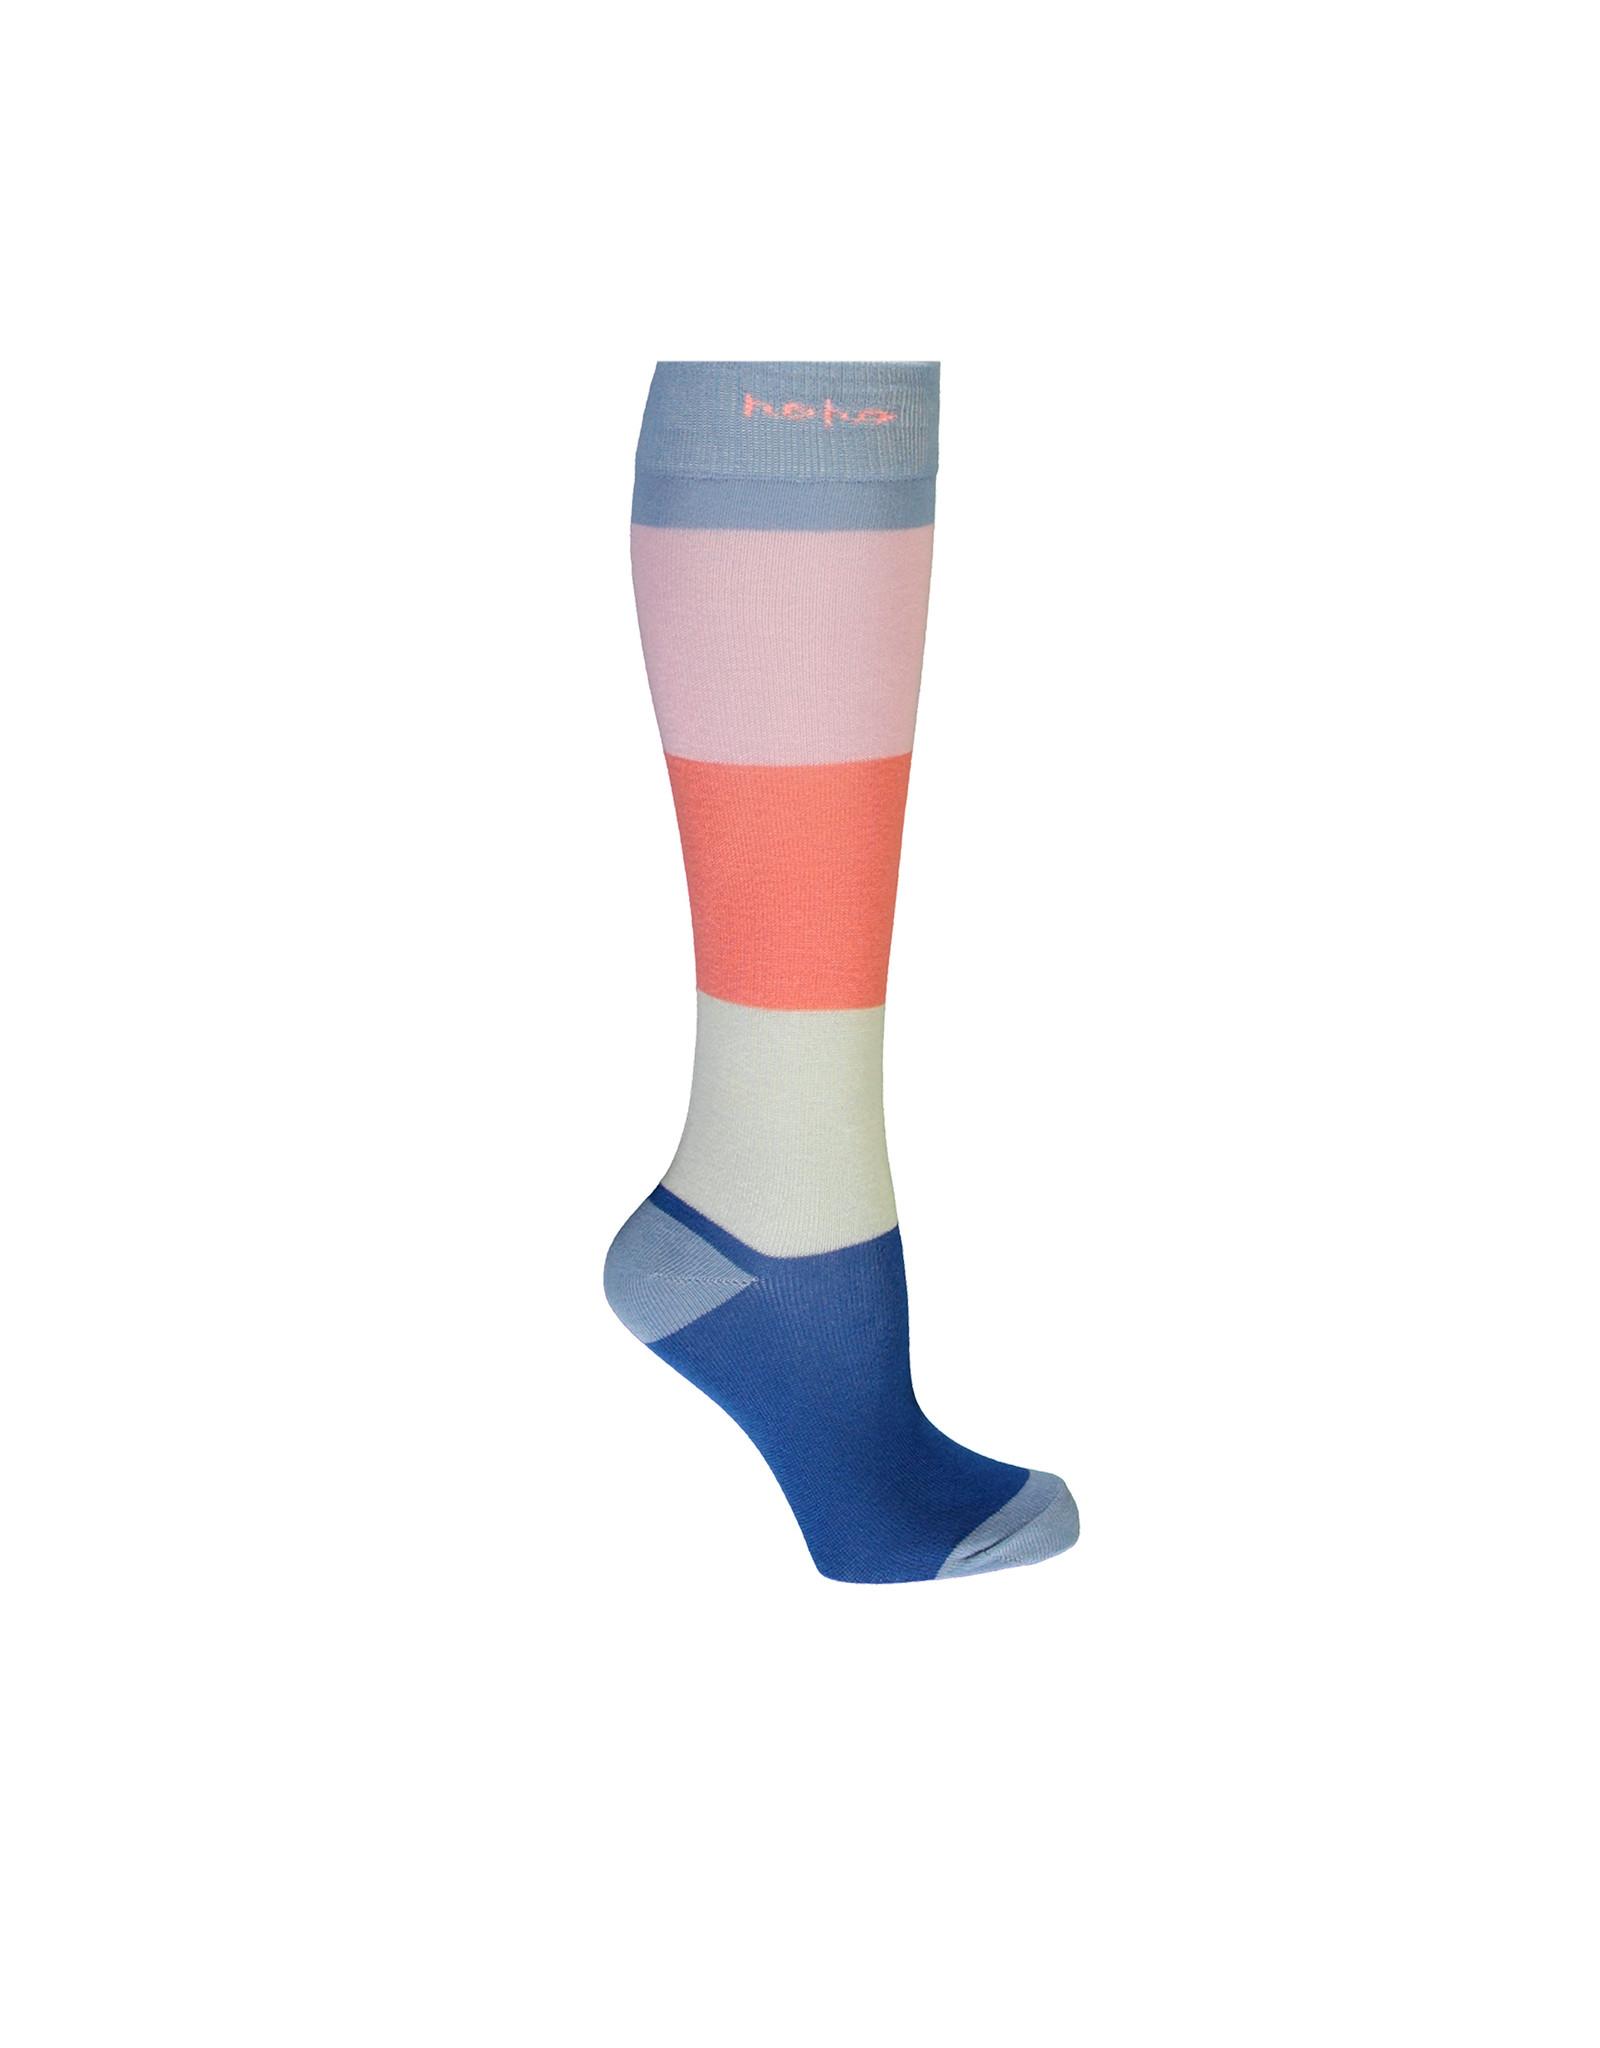 Nono Rae long sock colorblock